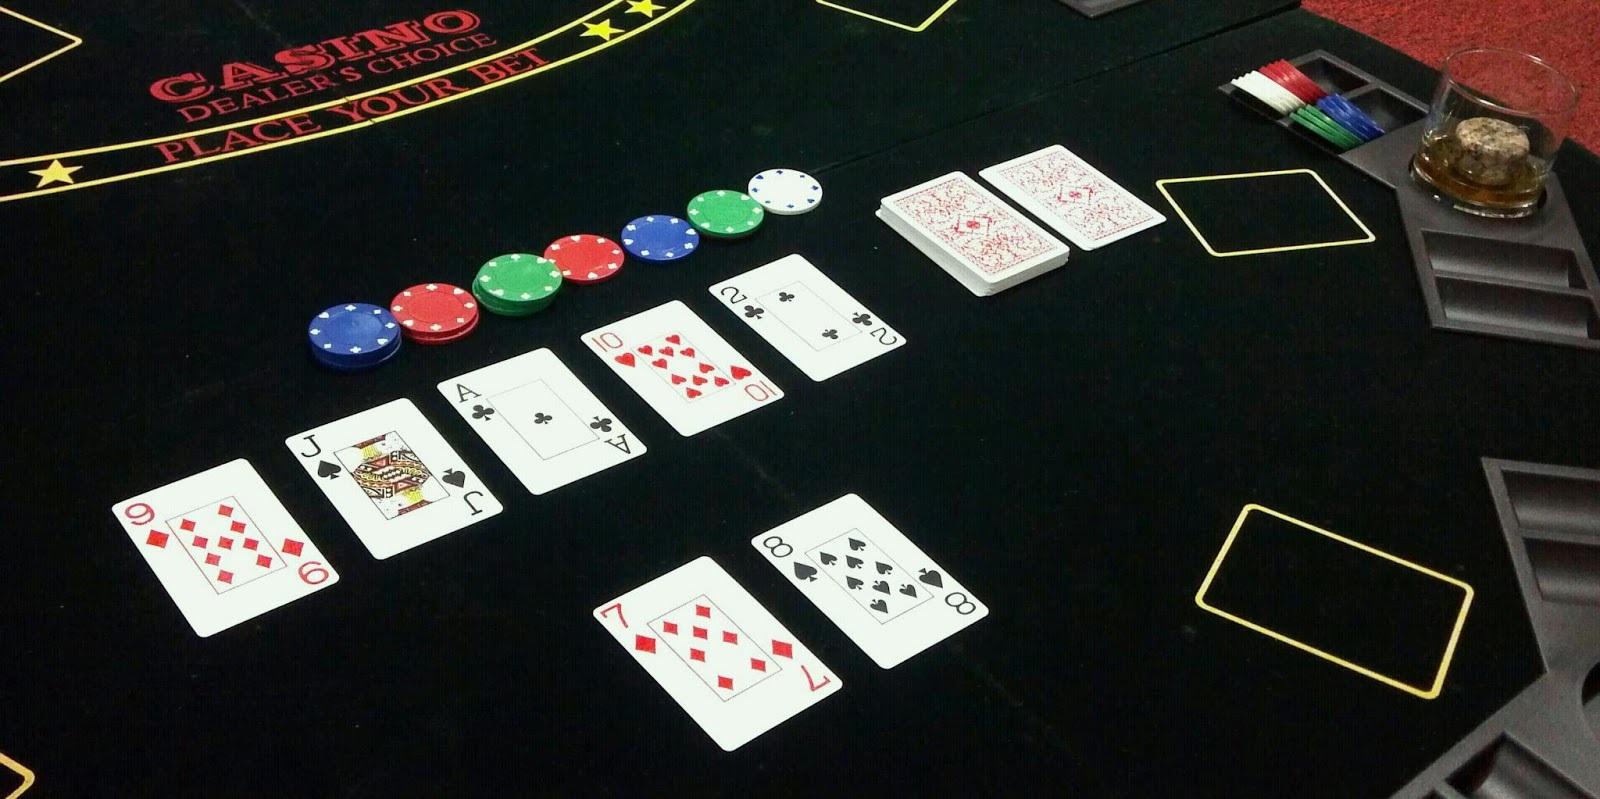 Tornei casino online | Come iscriversi e giocare